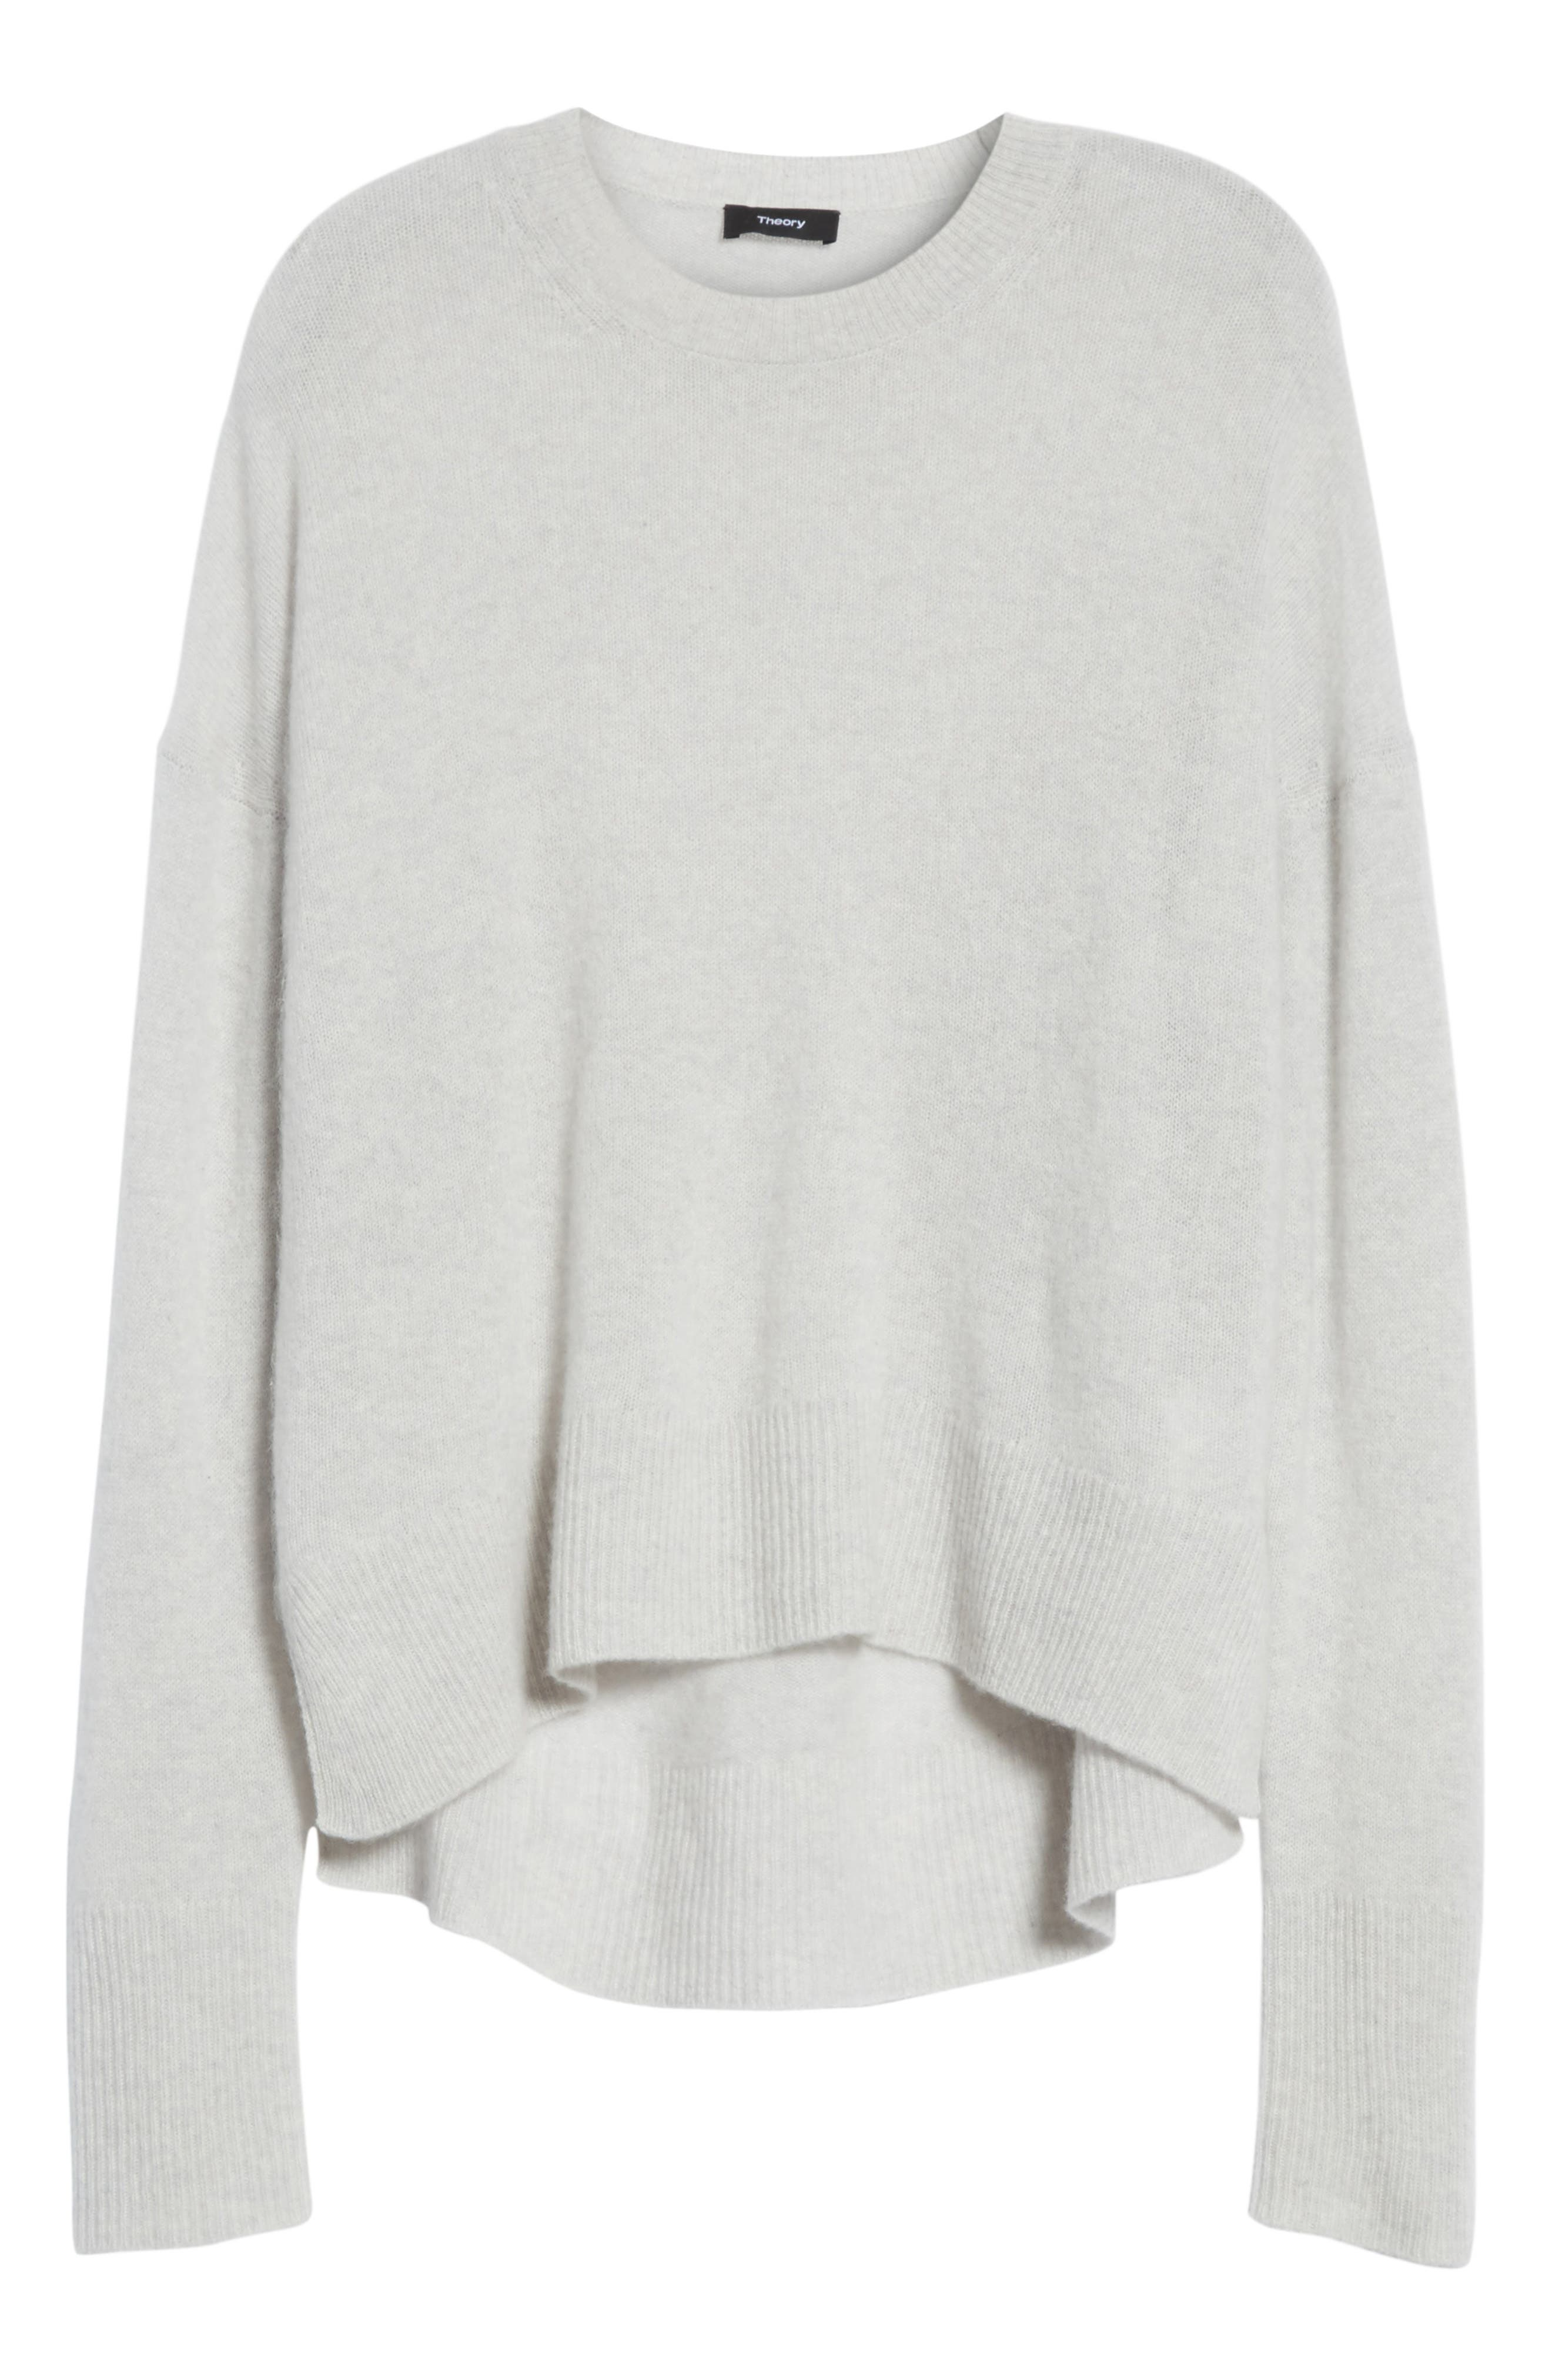 Karenia L Cashmere Sweater,                             Alternate thumbnail 22, color,